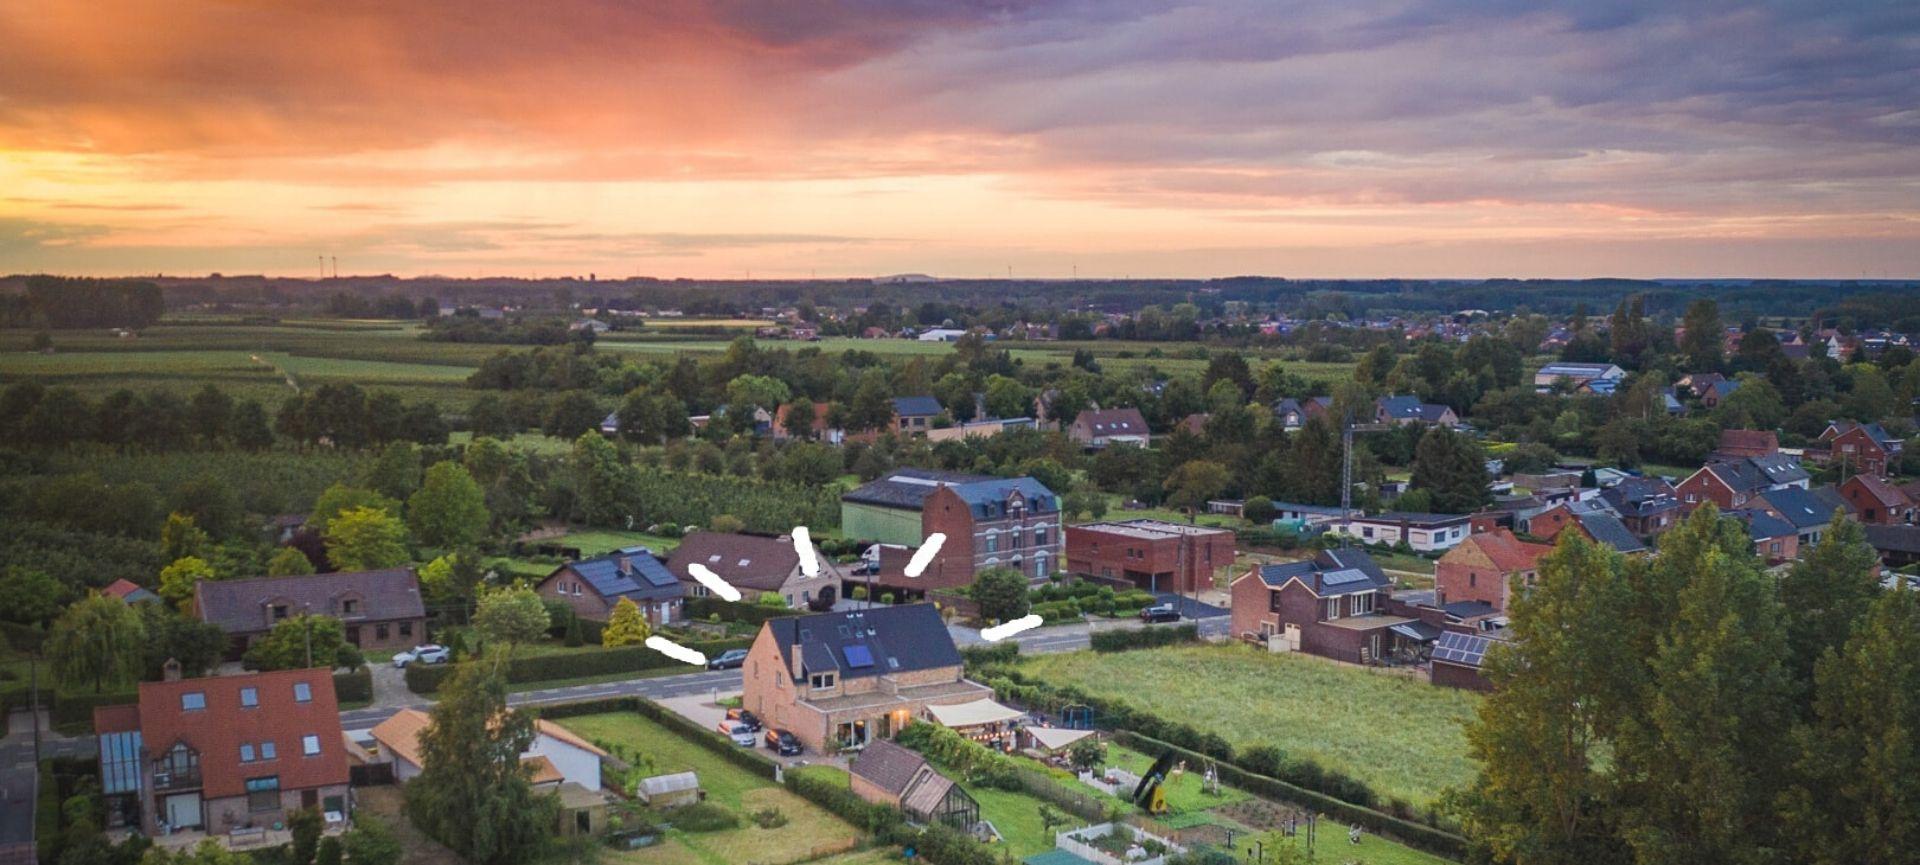 Vakantiewoning de Pluktuin in Haspengouw